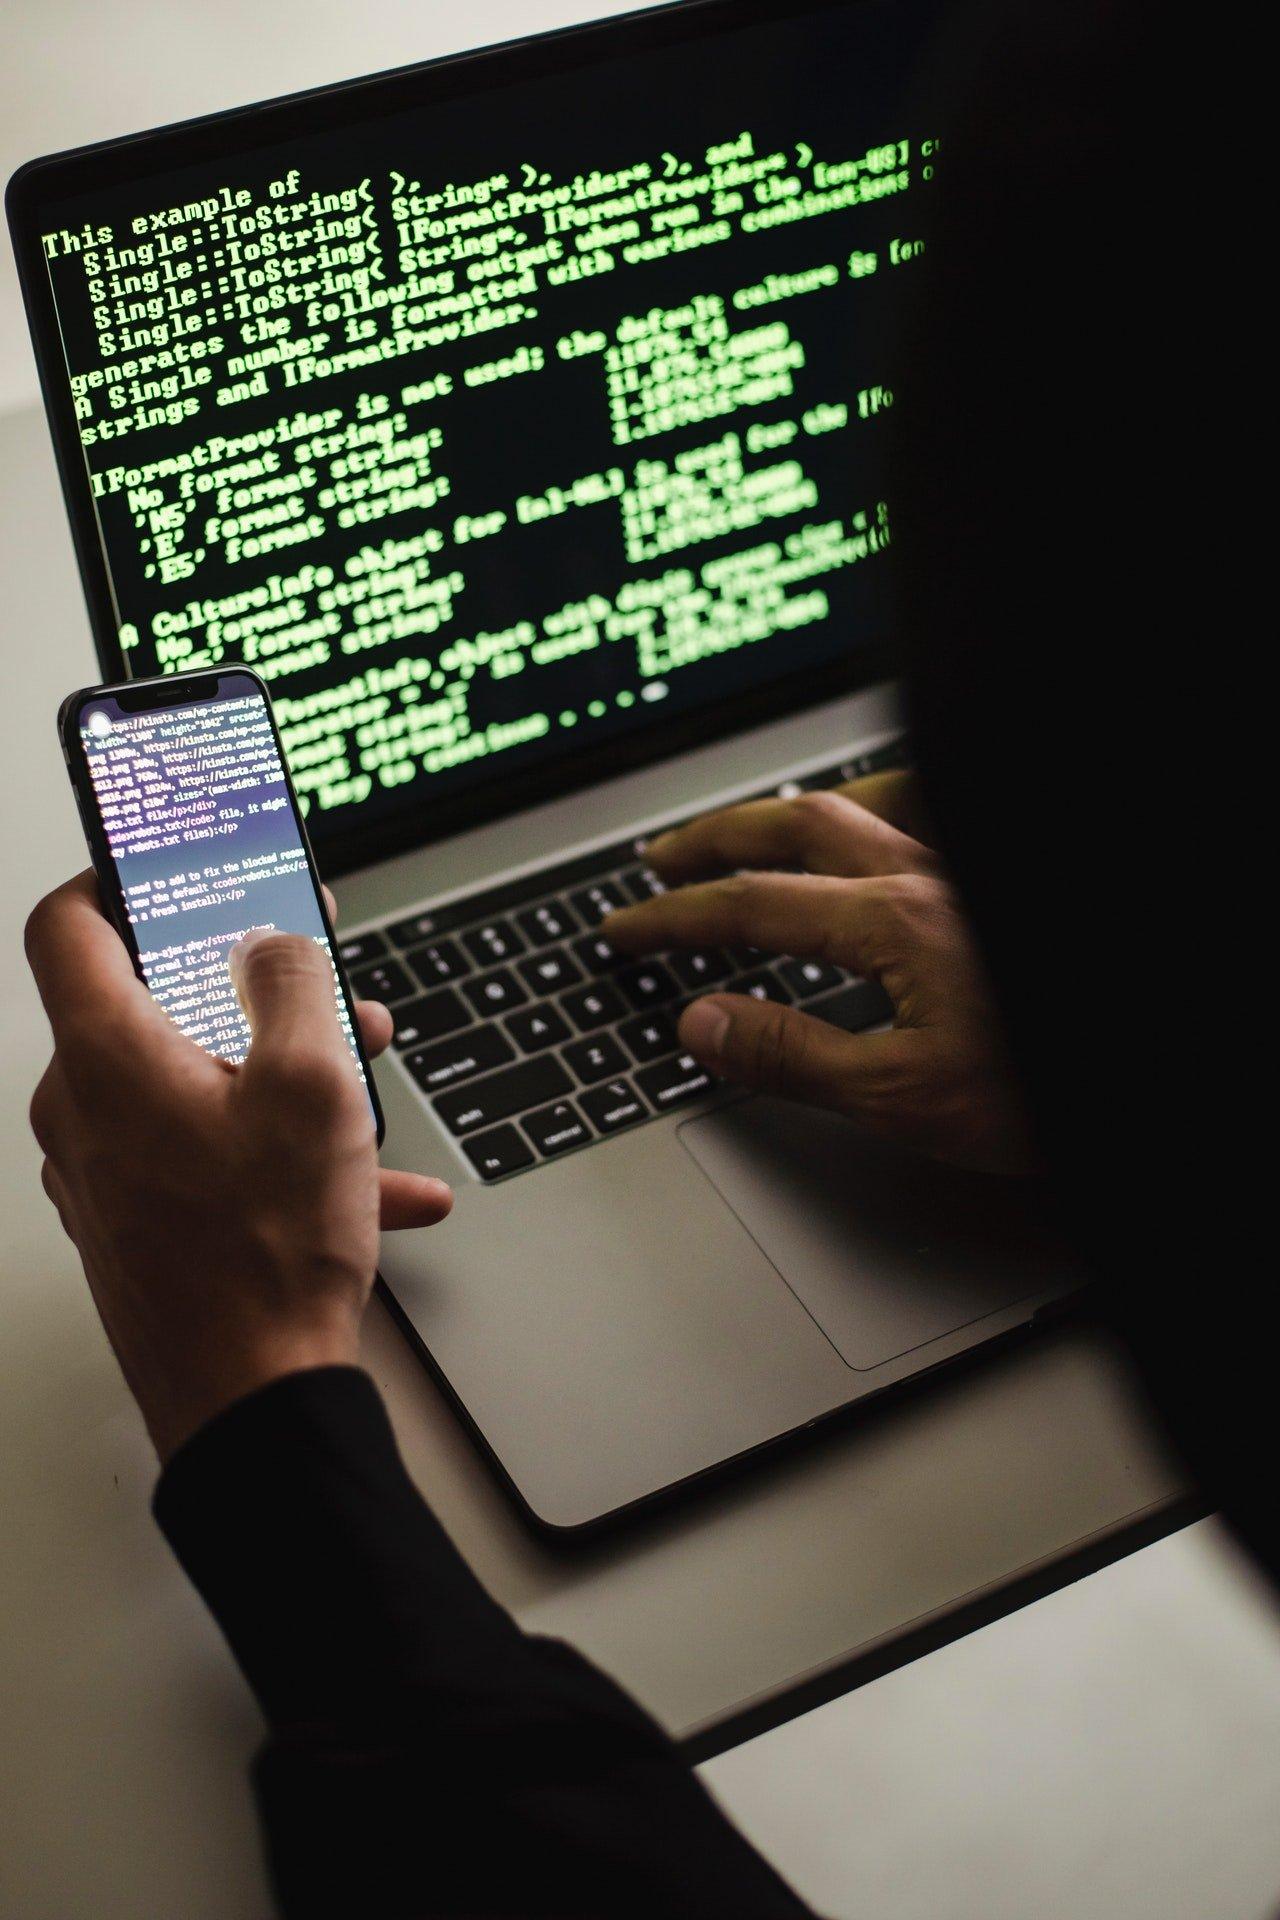 Lær deg det grunnleggende for å sikre PC-en og kontoene dine på nett